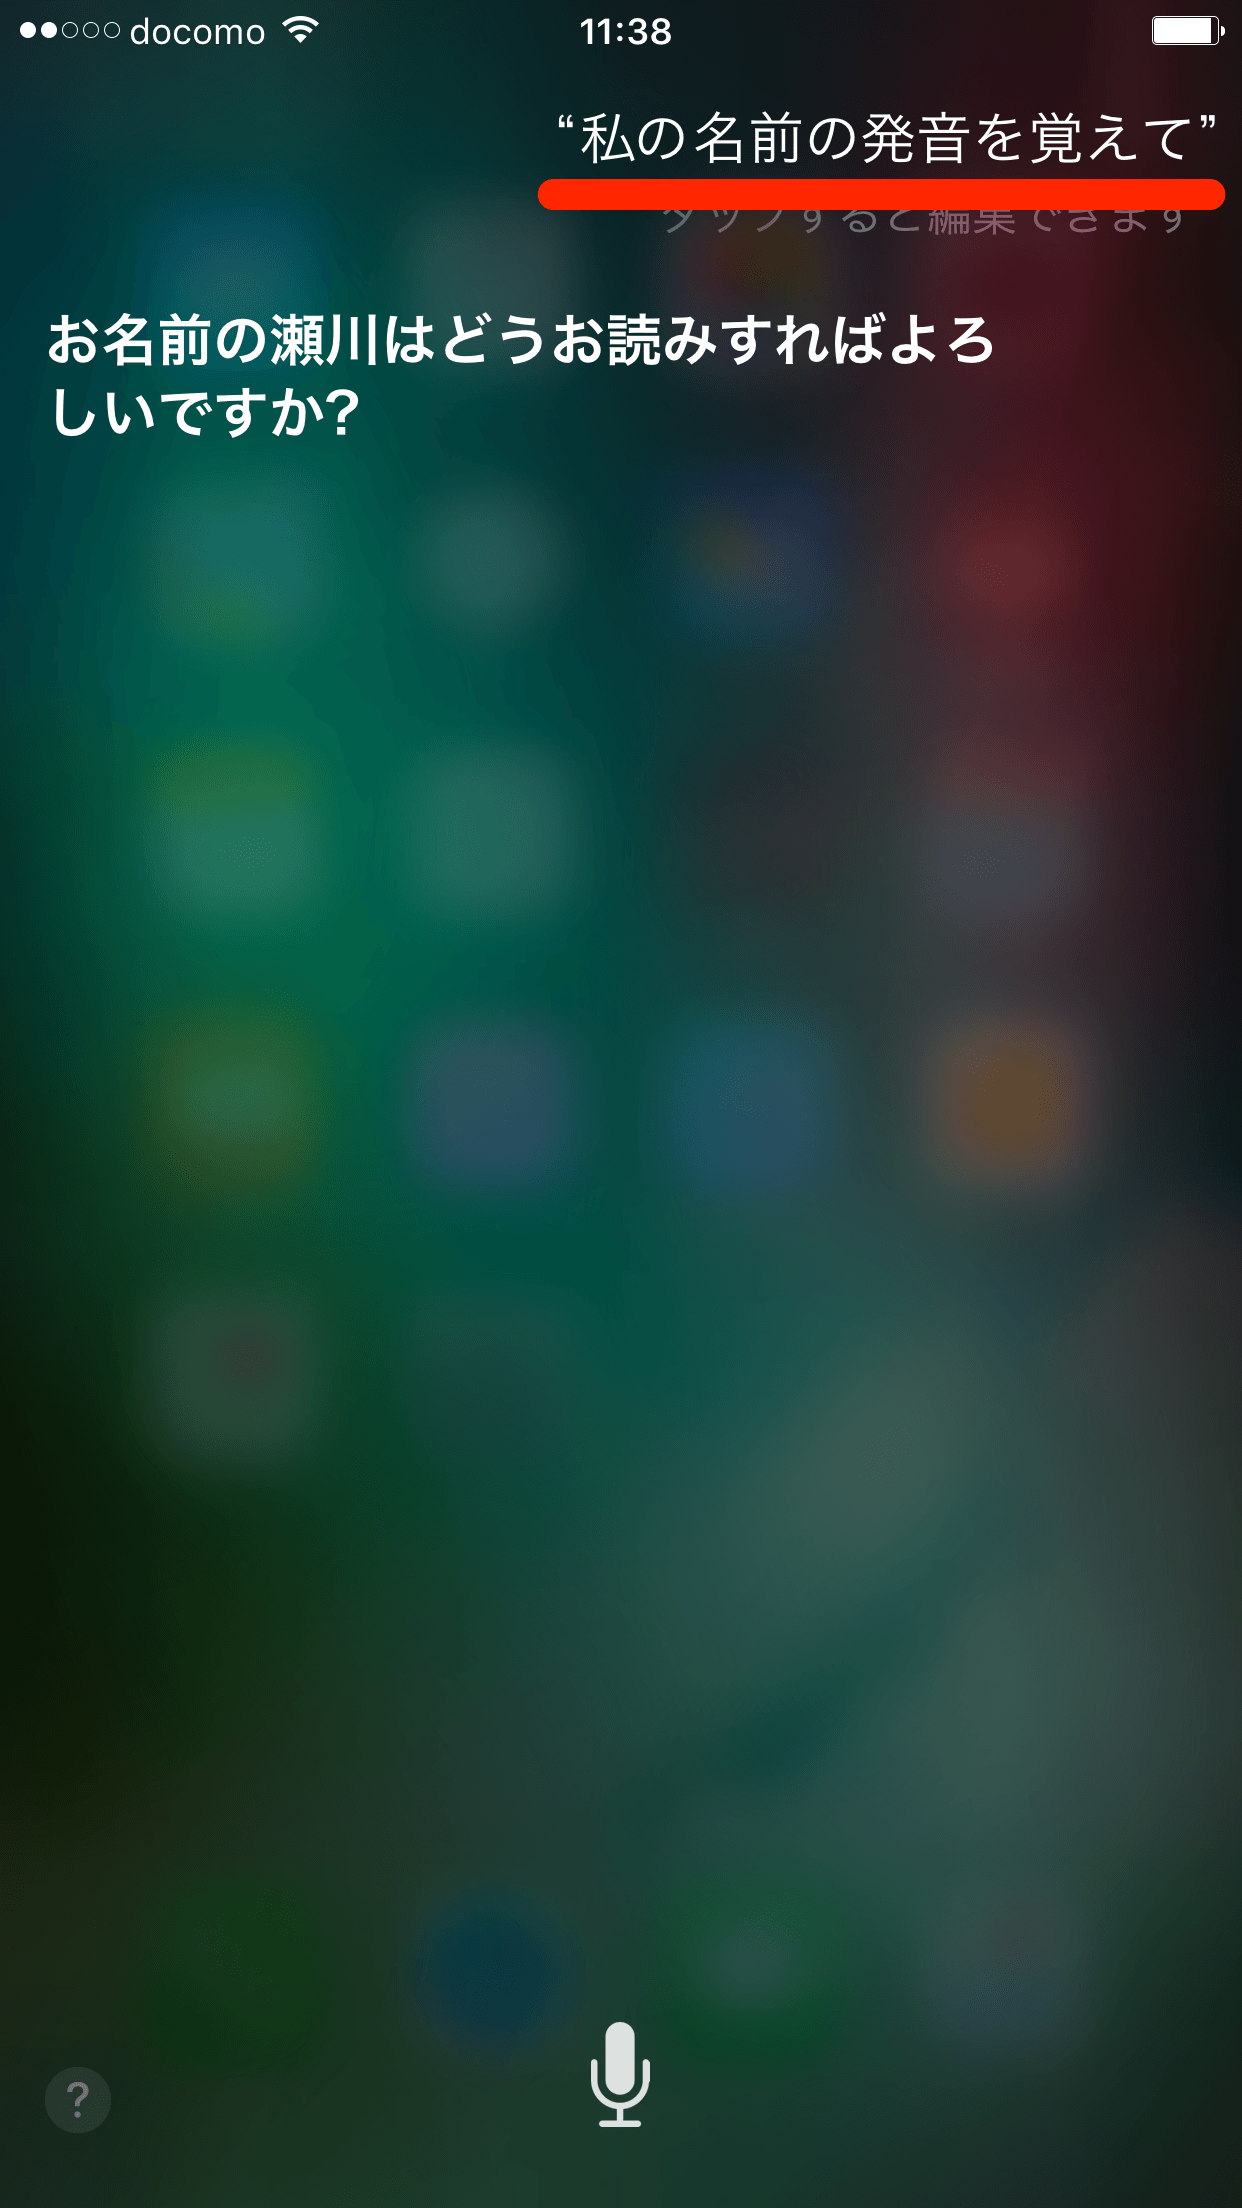 Siriの名前の発音を修正する方法